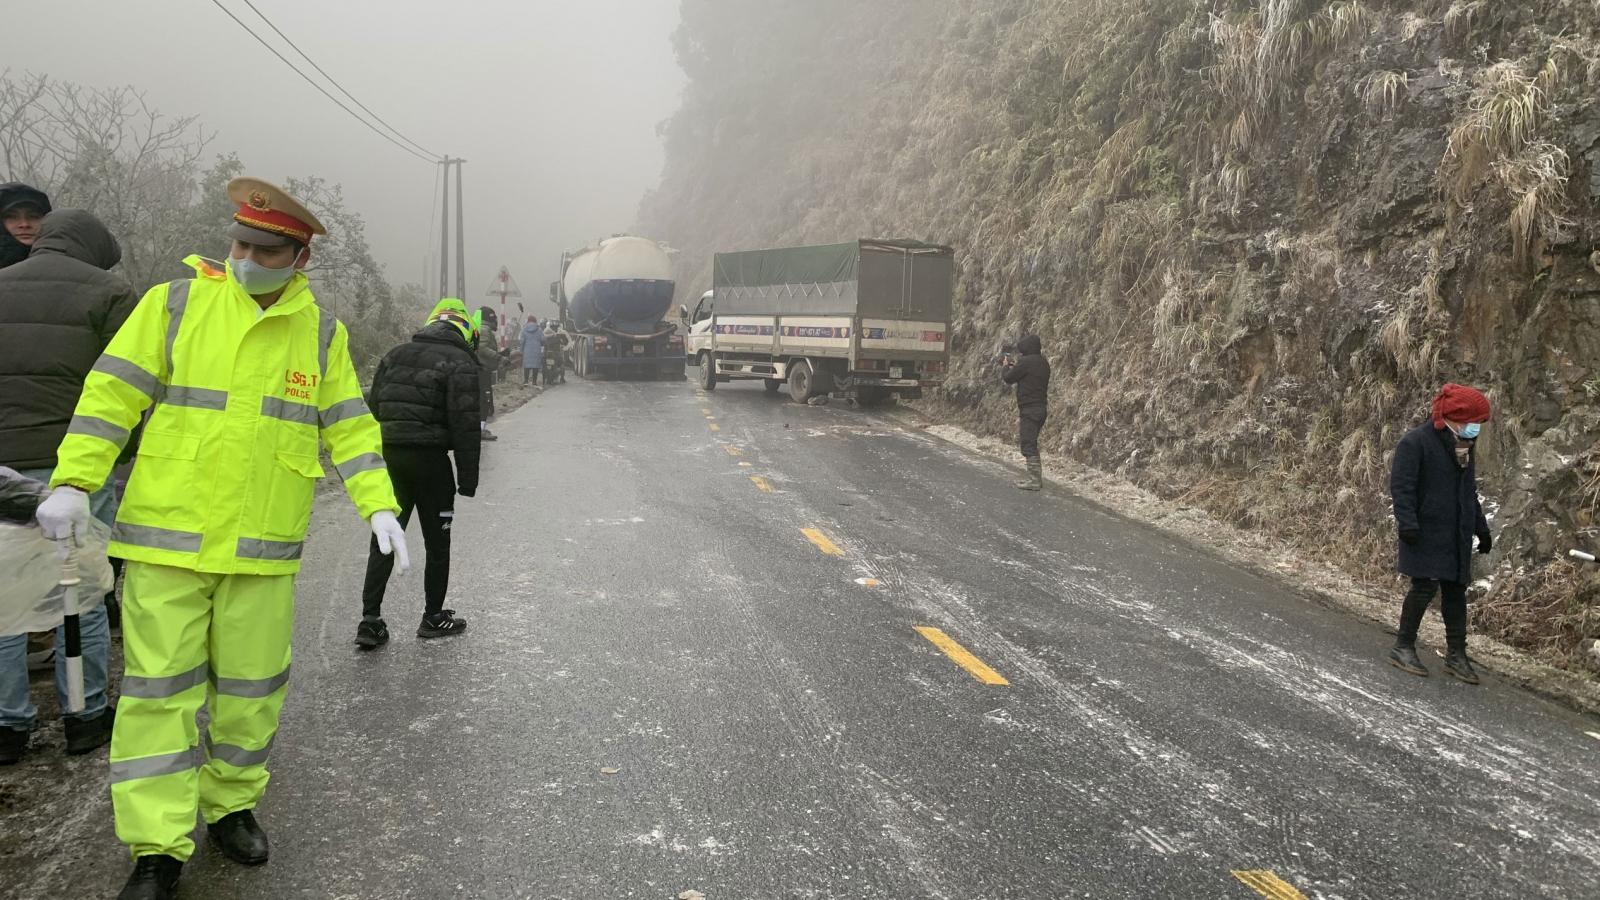 Mặt đường đóng băng trơn trượt nguy hiểm, xe cộ ùn tắc kéo dài tại Lào Cai